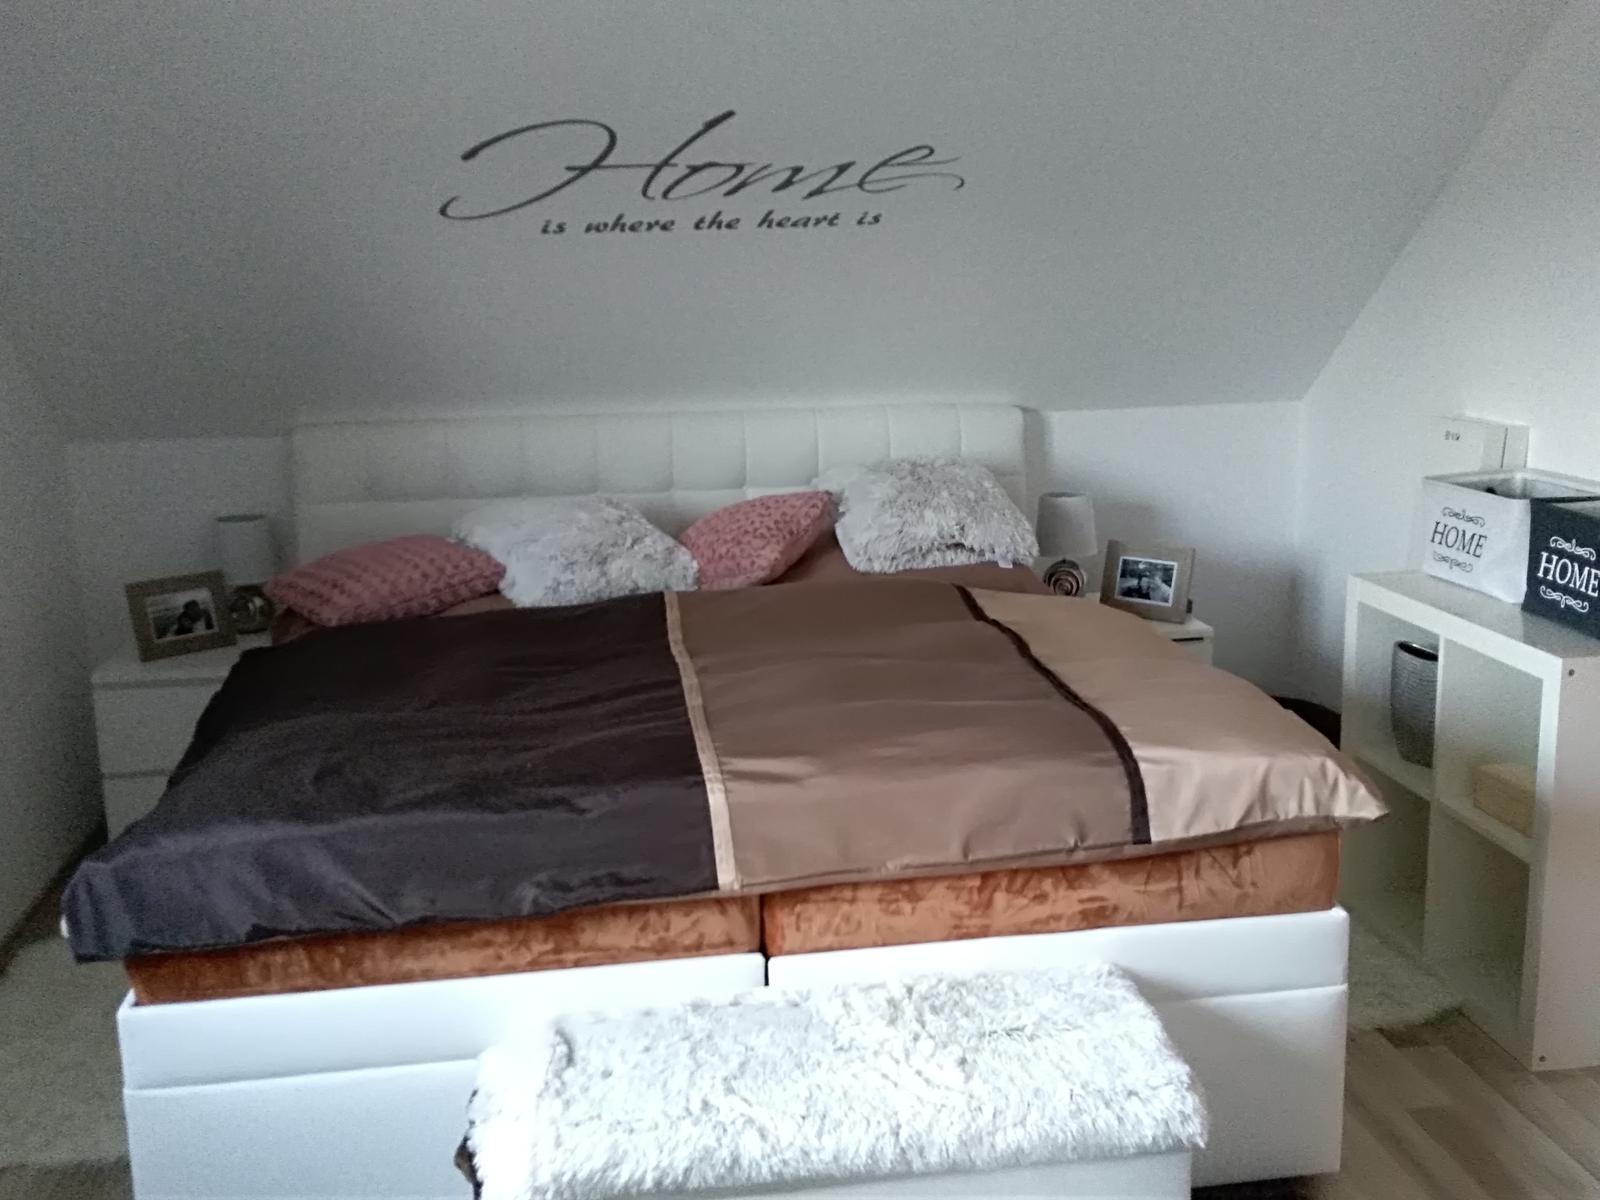 Nová ložnice, ještě police a tapeta, snad o víkendu 😉 - Obrázek č. 1